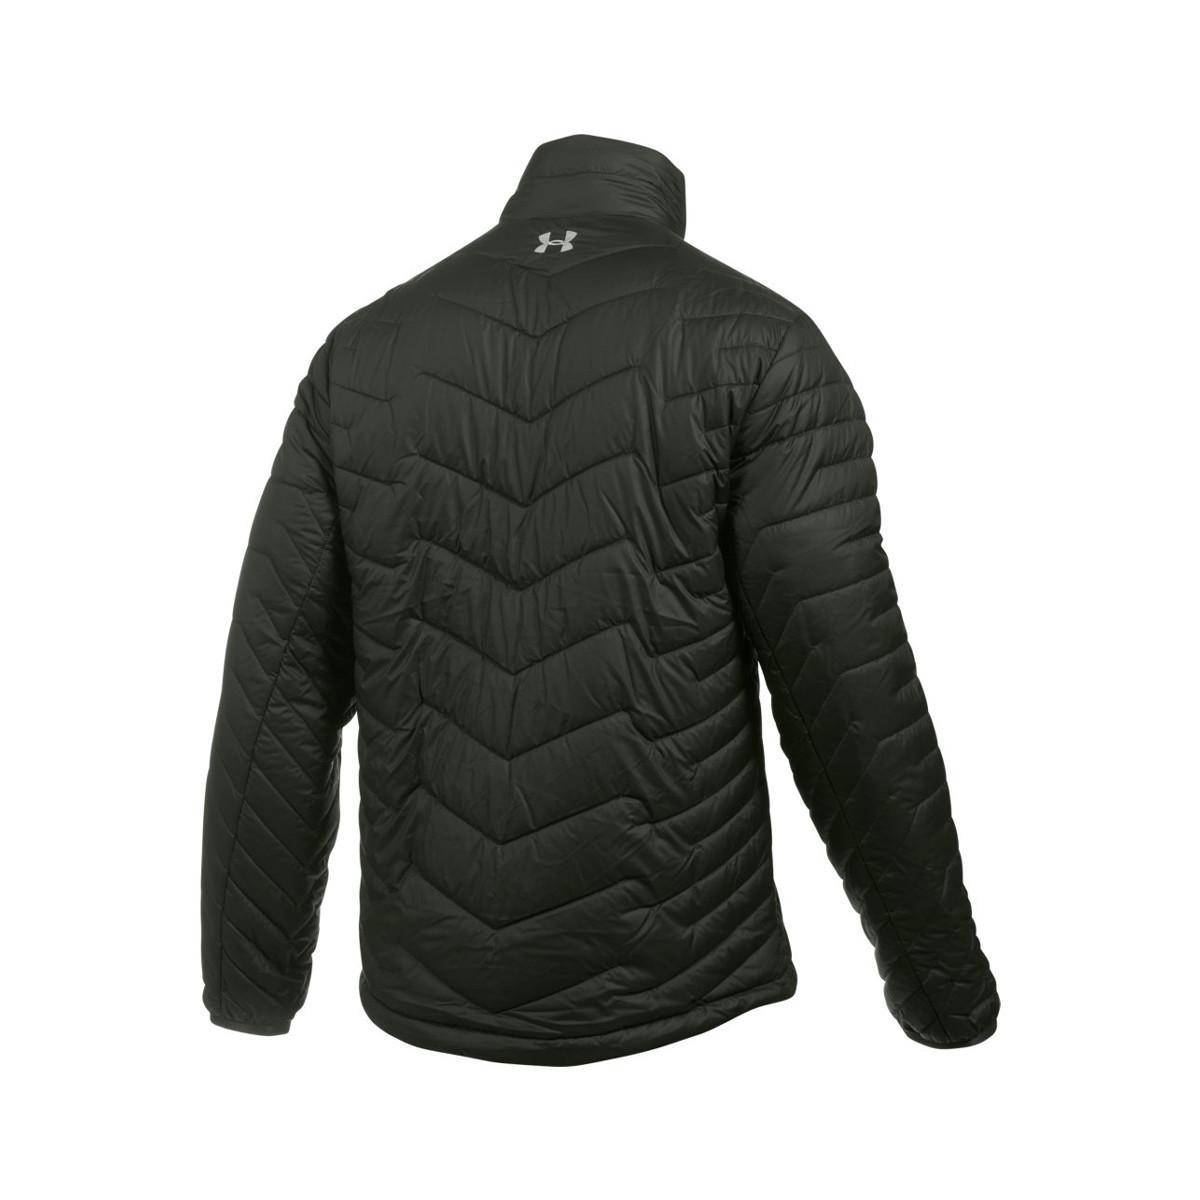 super populaire 1f1b3 97fb7 Under Armour - Green Mountain coldgear jacket hommes Doudounes en vert for  Men - Lyst